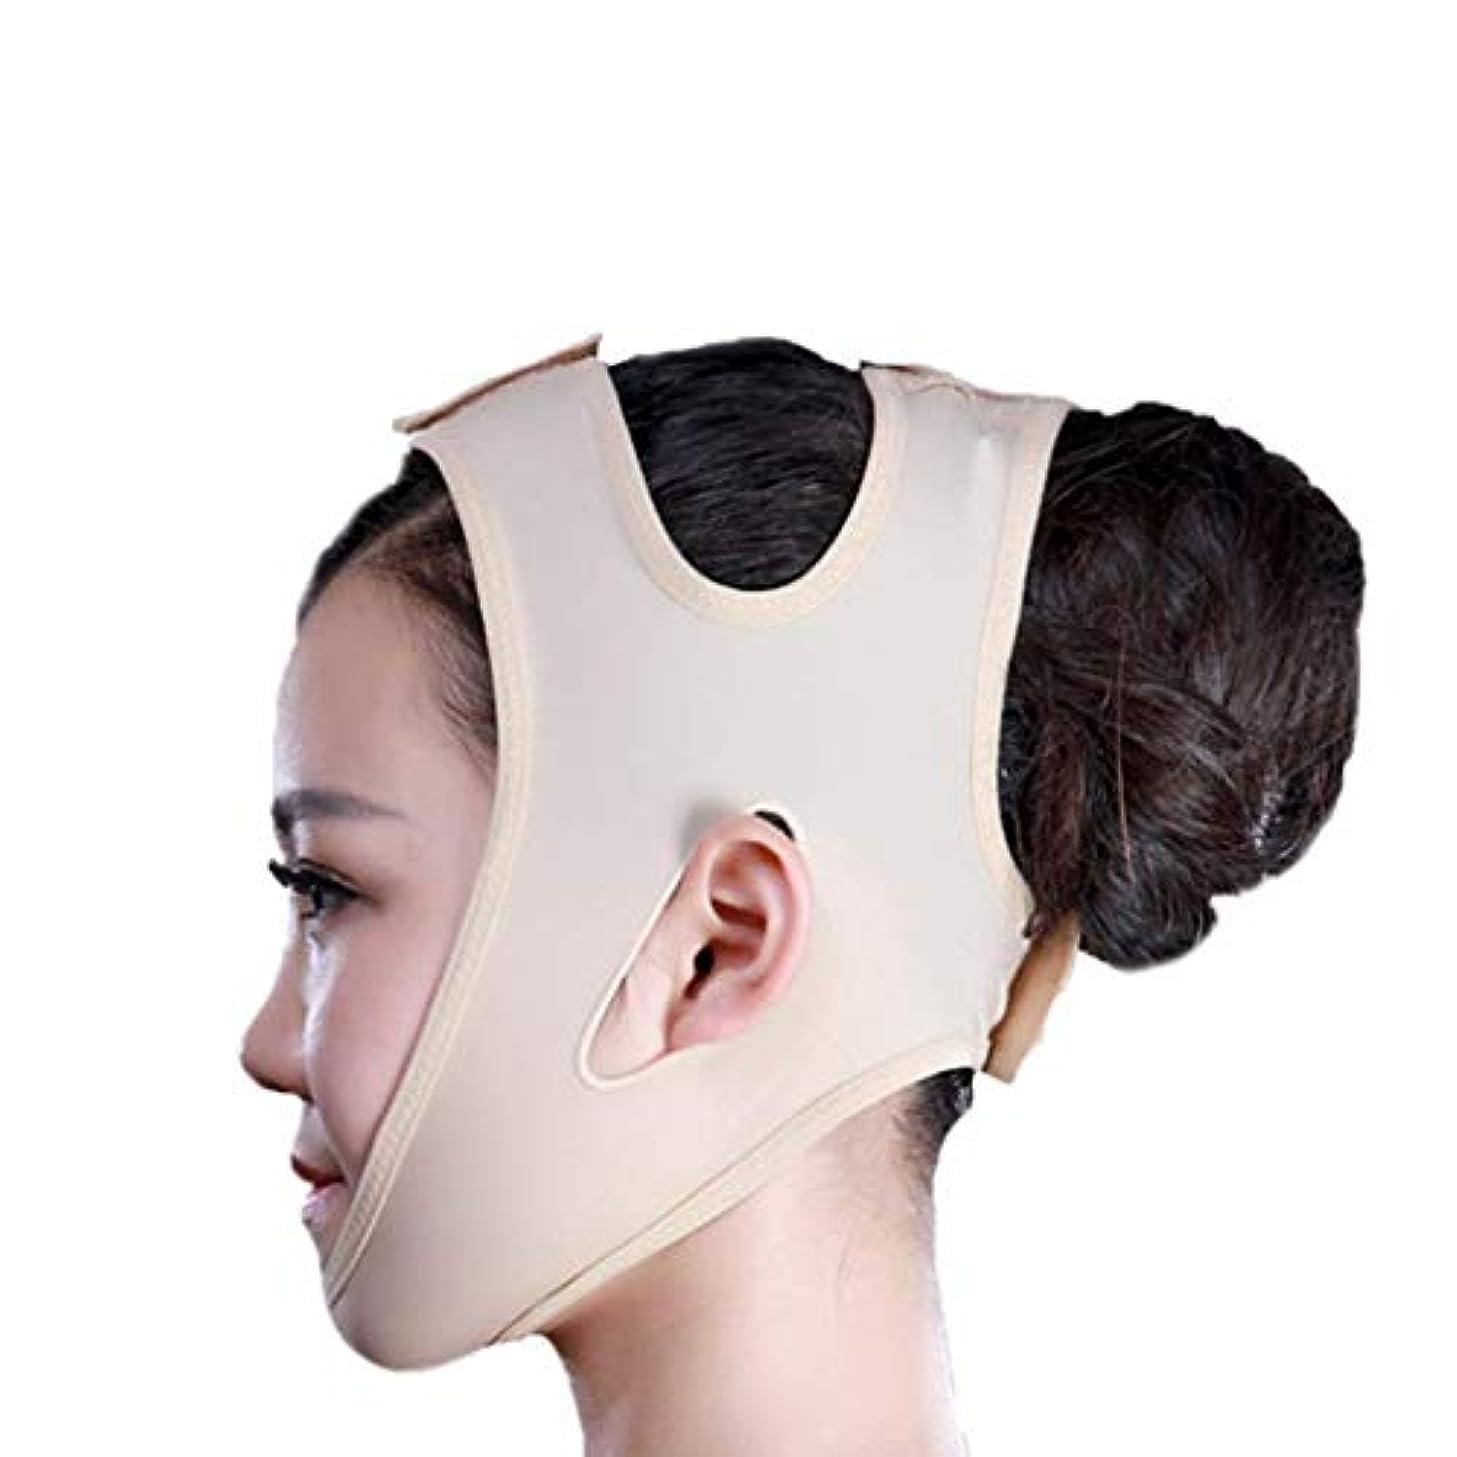 インドリマークグラマーフェイススリミングマスク、快適さと通気性、フェイシャルリフティング、輪郭の改善された硬さ、ファーミングとリフティングフェイス(カラー:ブラック、サイズ:XL),黄色がかったピンク、S